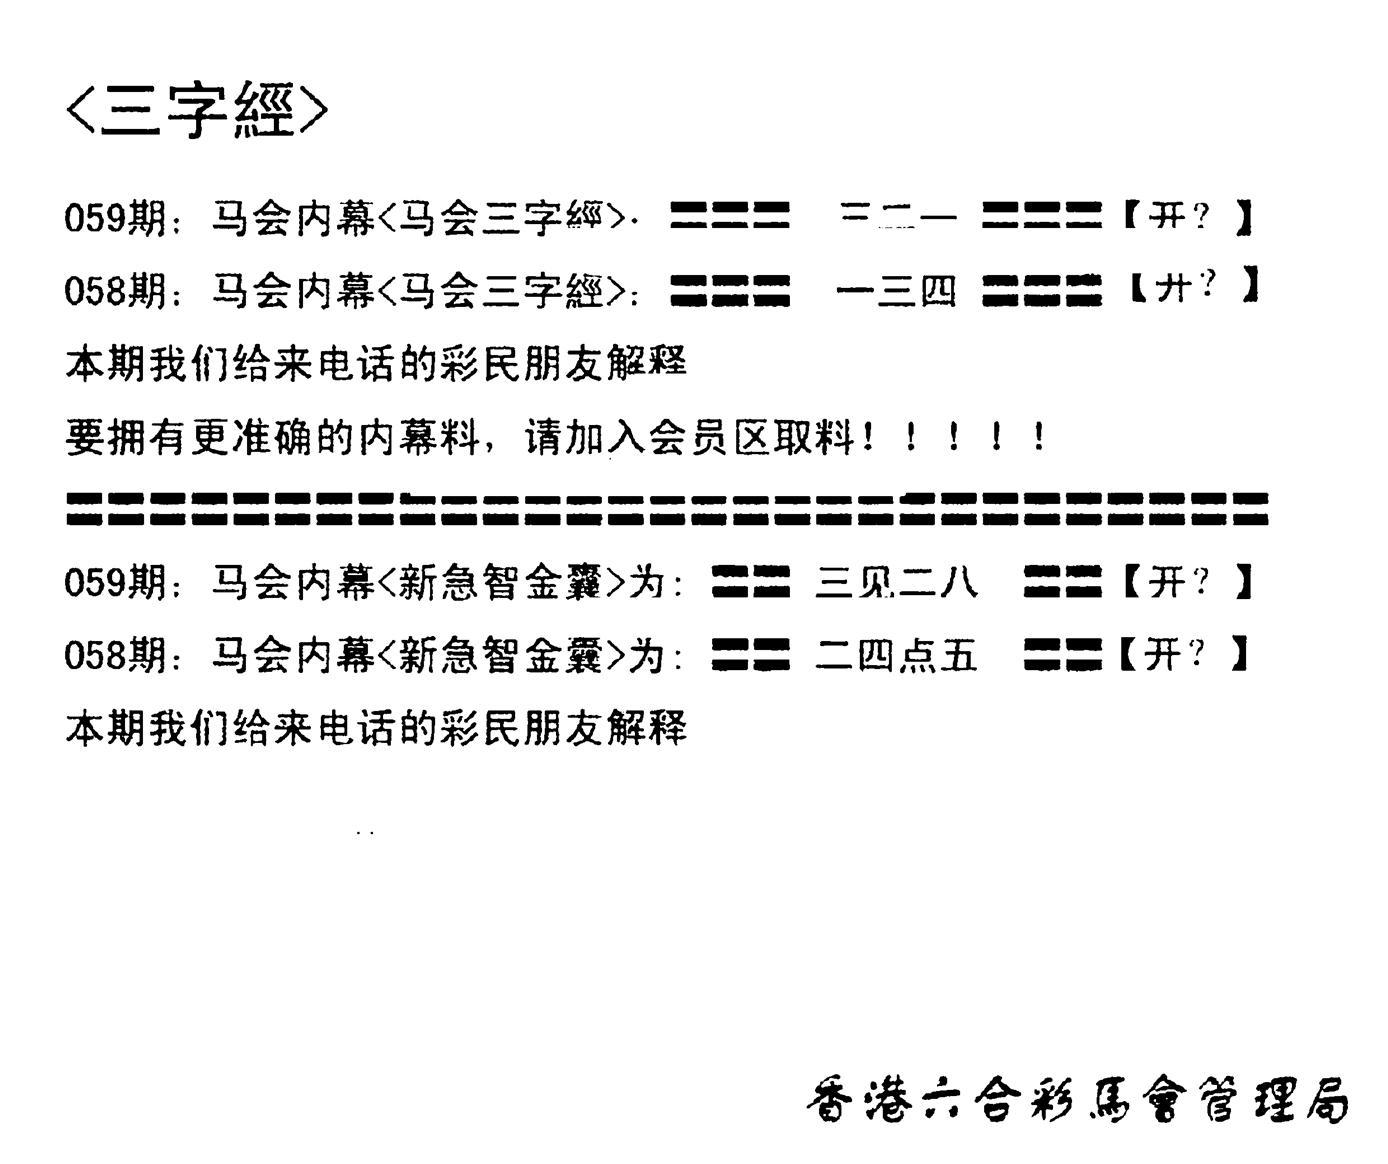 059期电脑版(早版)(黑白)